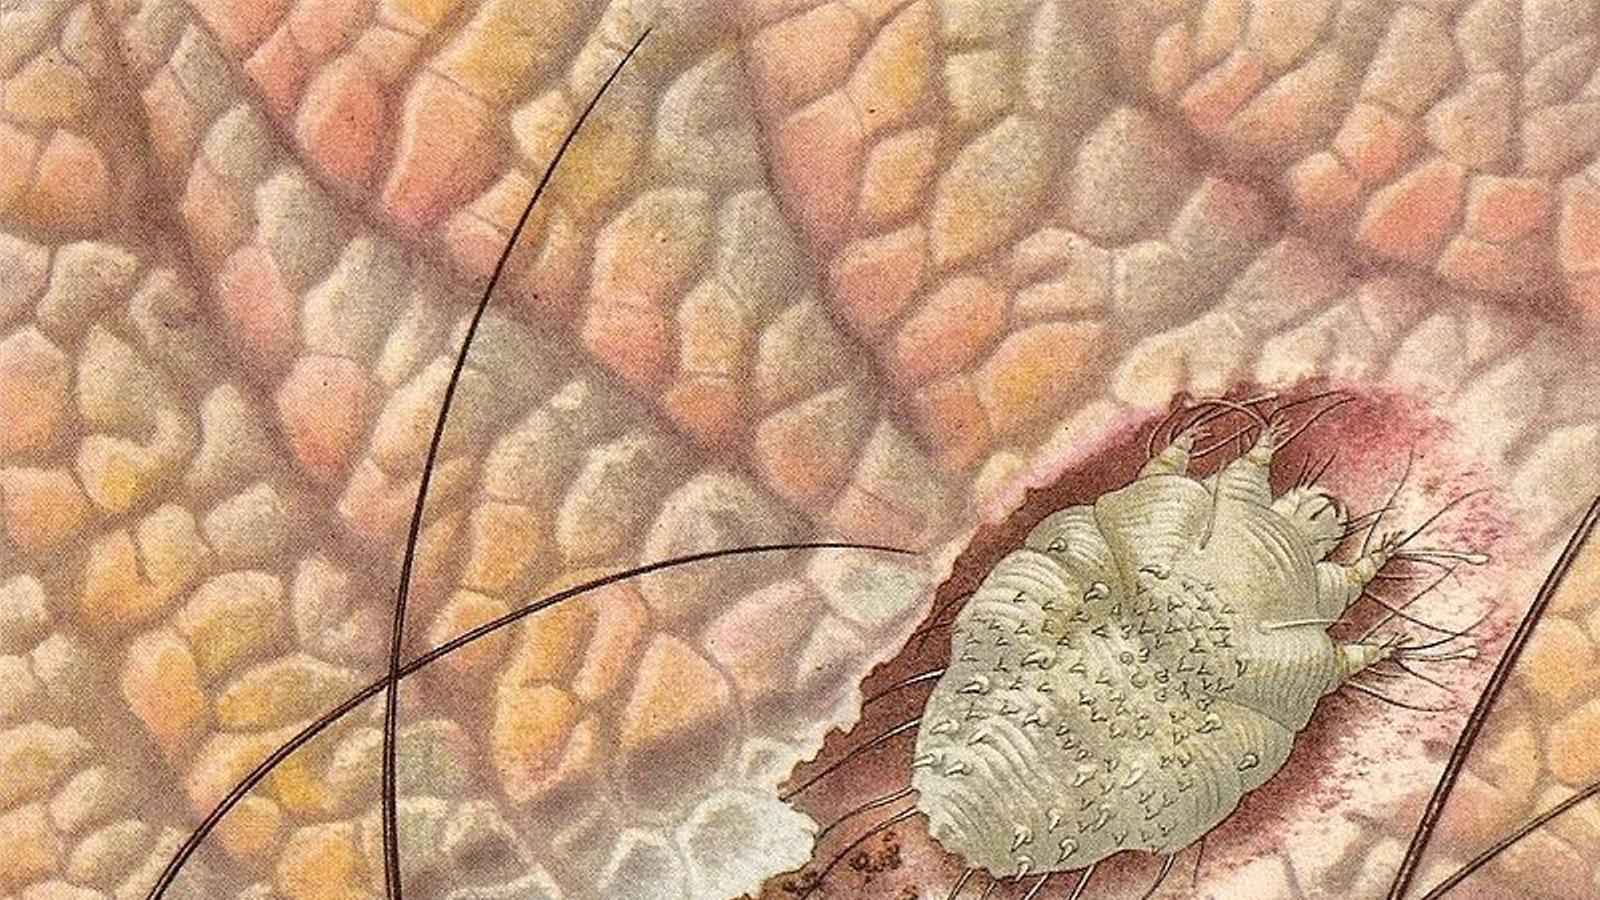 Què és la sarna? Com es contagia i com es tracta?